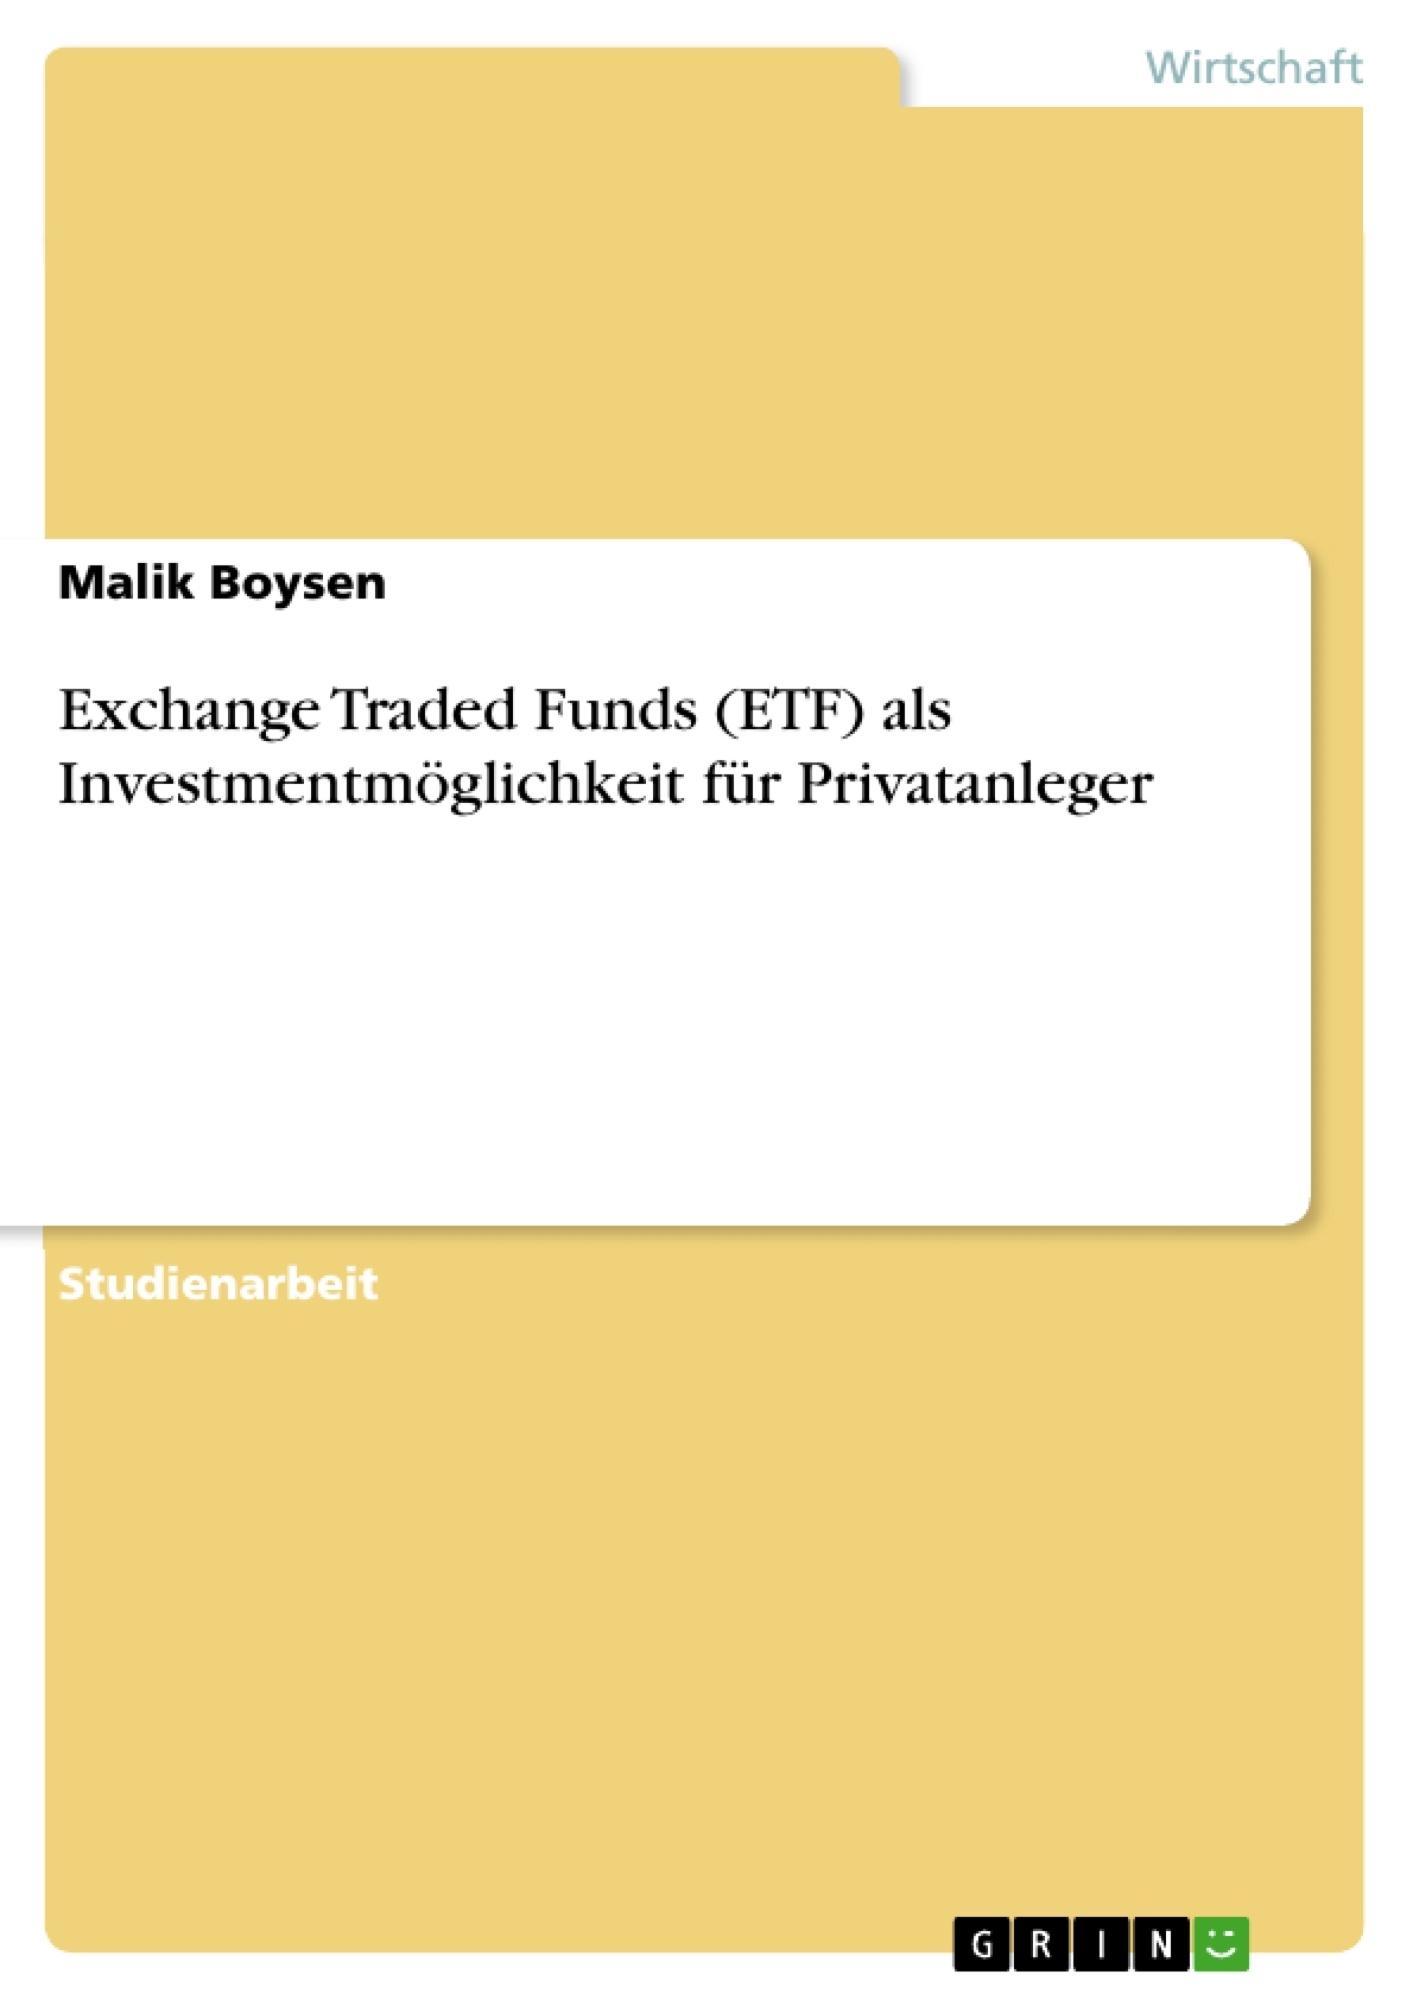 Titel: Exchange Traded Funds (ETF) als Investmentmöglichkeit für Privatanleger